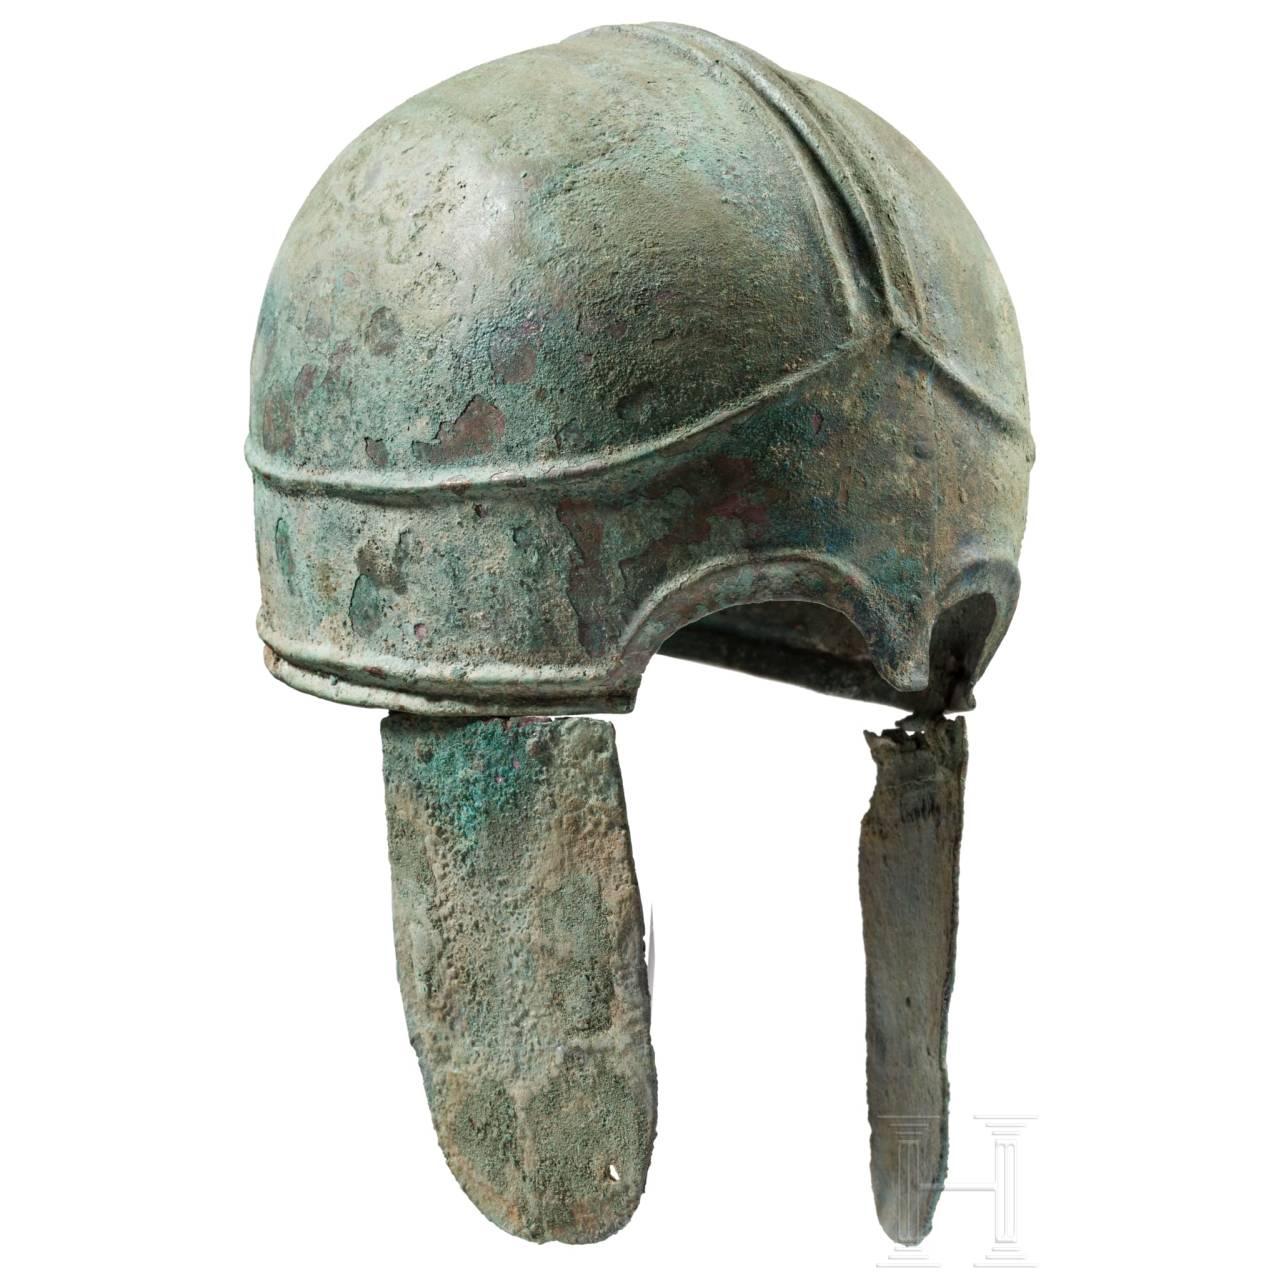 Pseudo-chalkidischer Bronzehelm, nördlicher Schwarzmeerraum, 4. Jhdt. v. Chr.